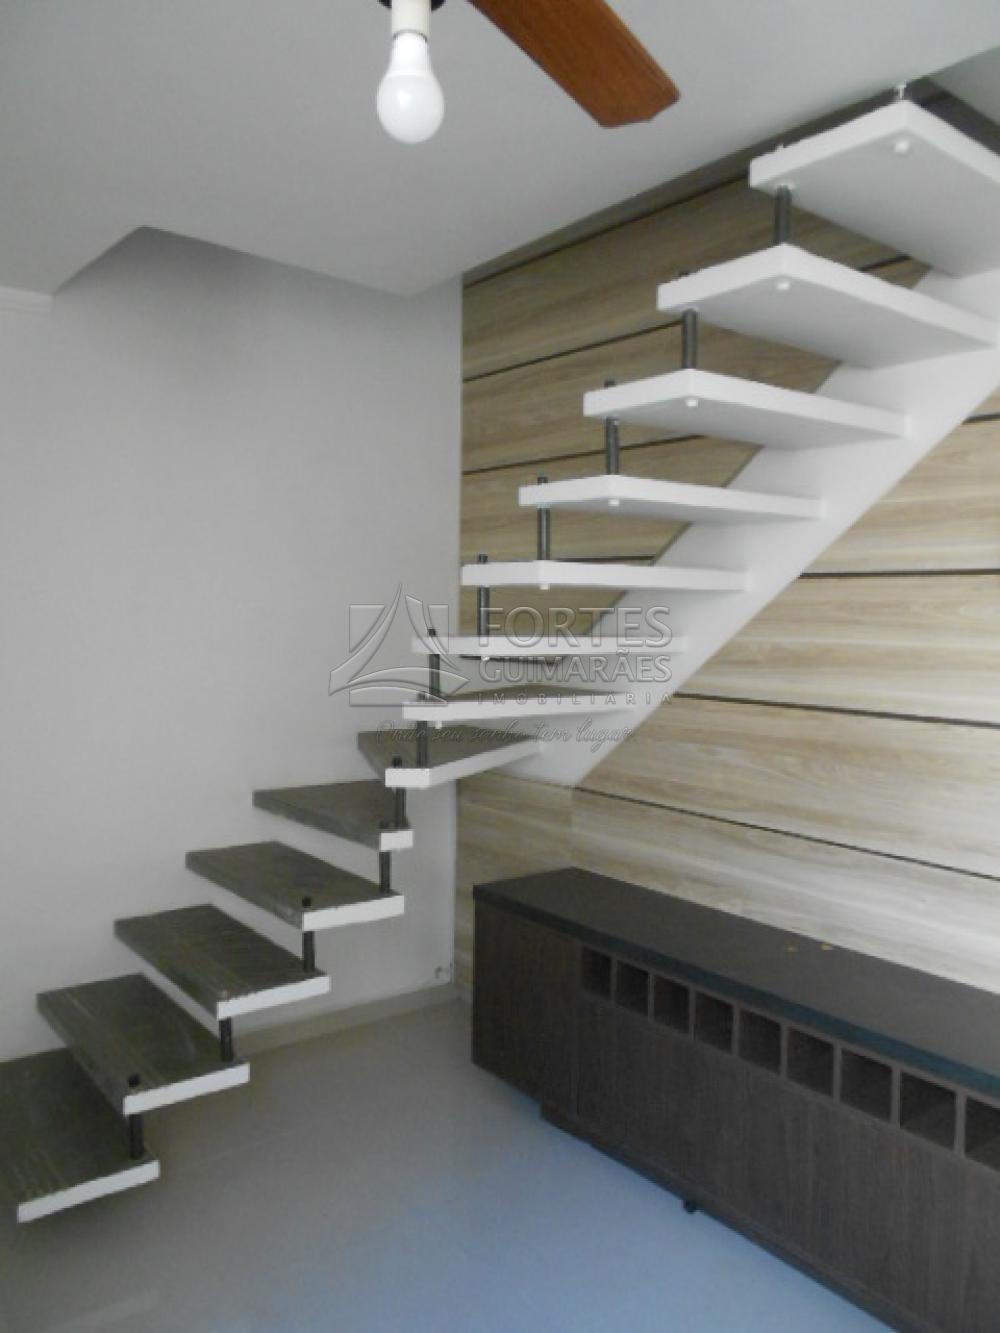 Alugar Apartamentos / Cobertura em Ribeirão Preto apenas R$ 1.000,00 - Foto 16